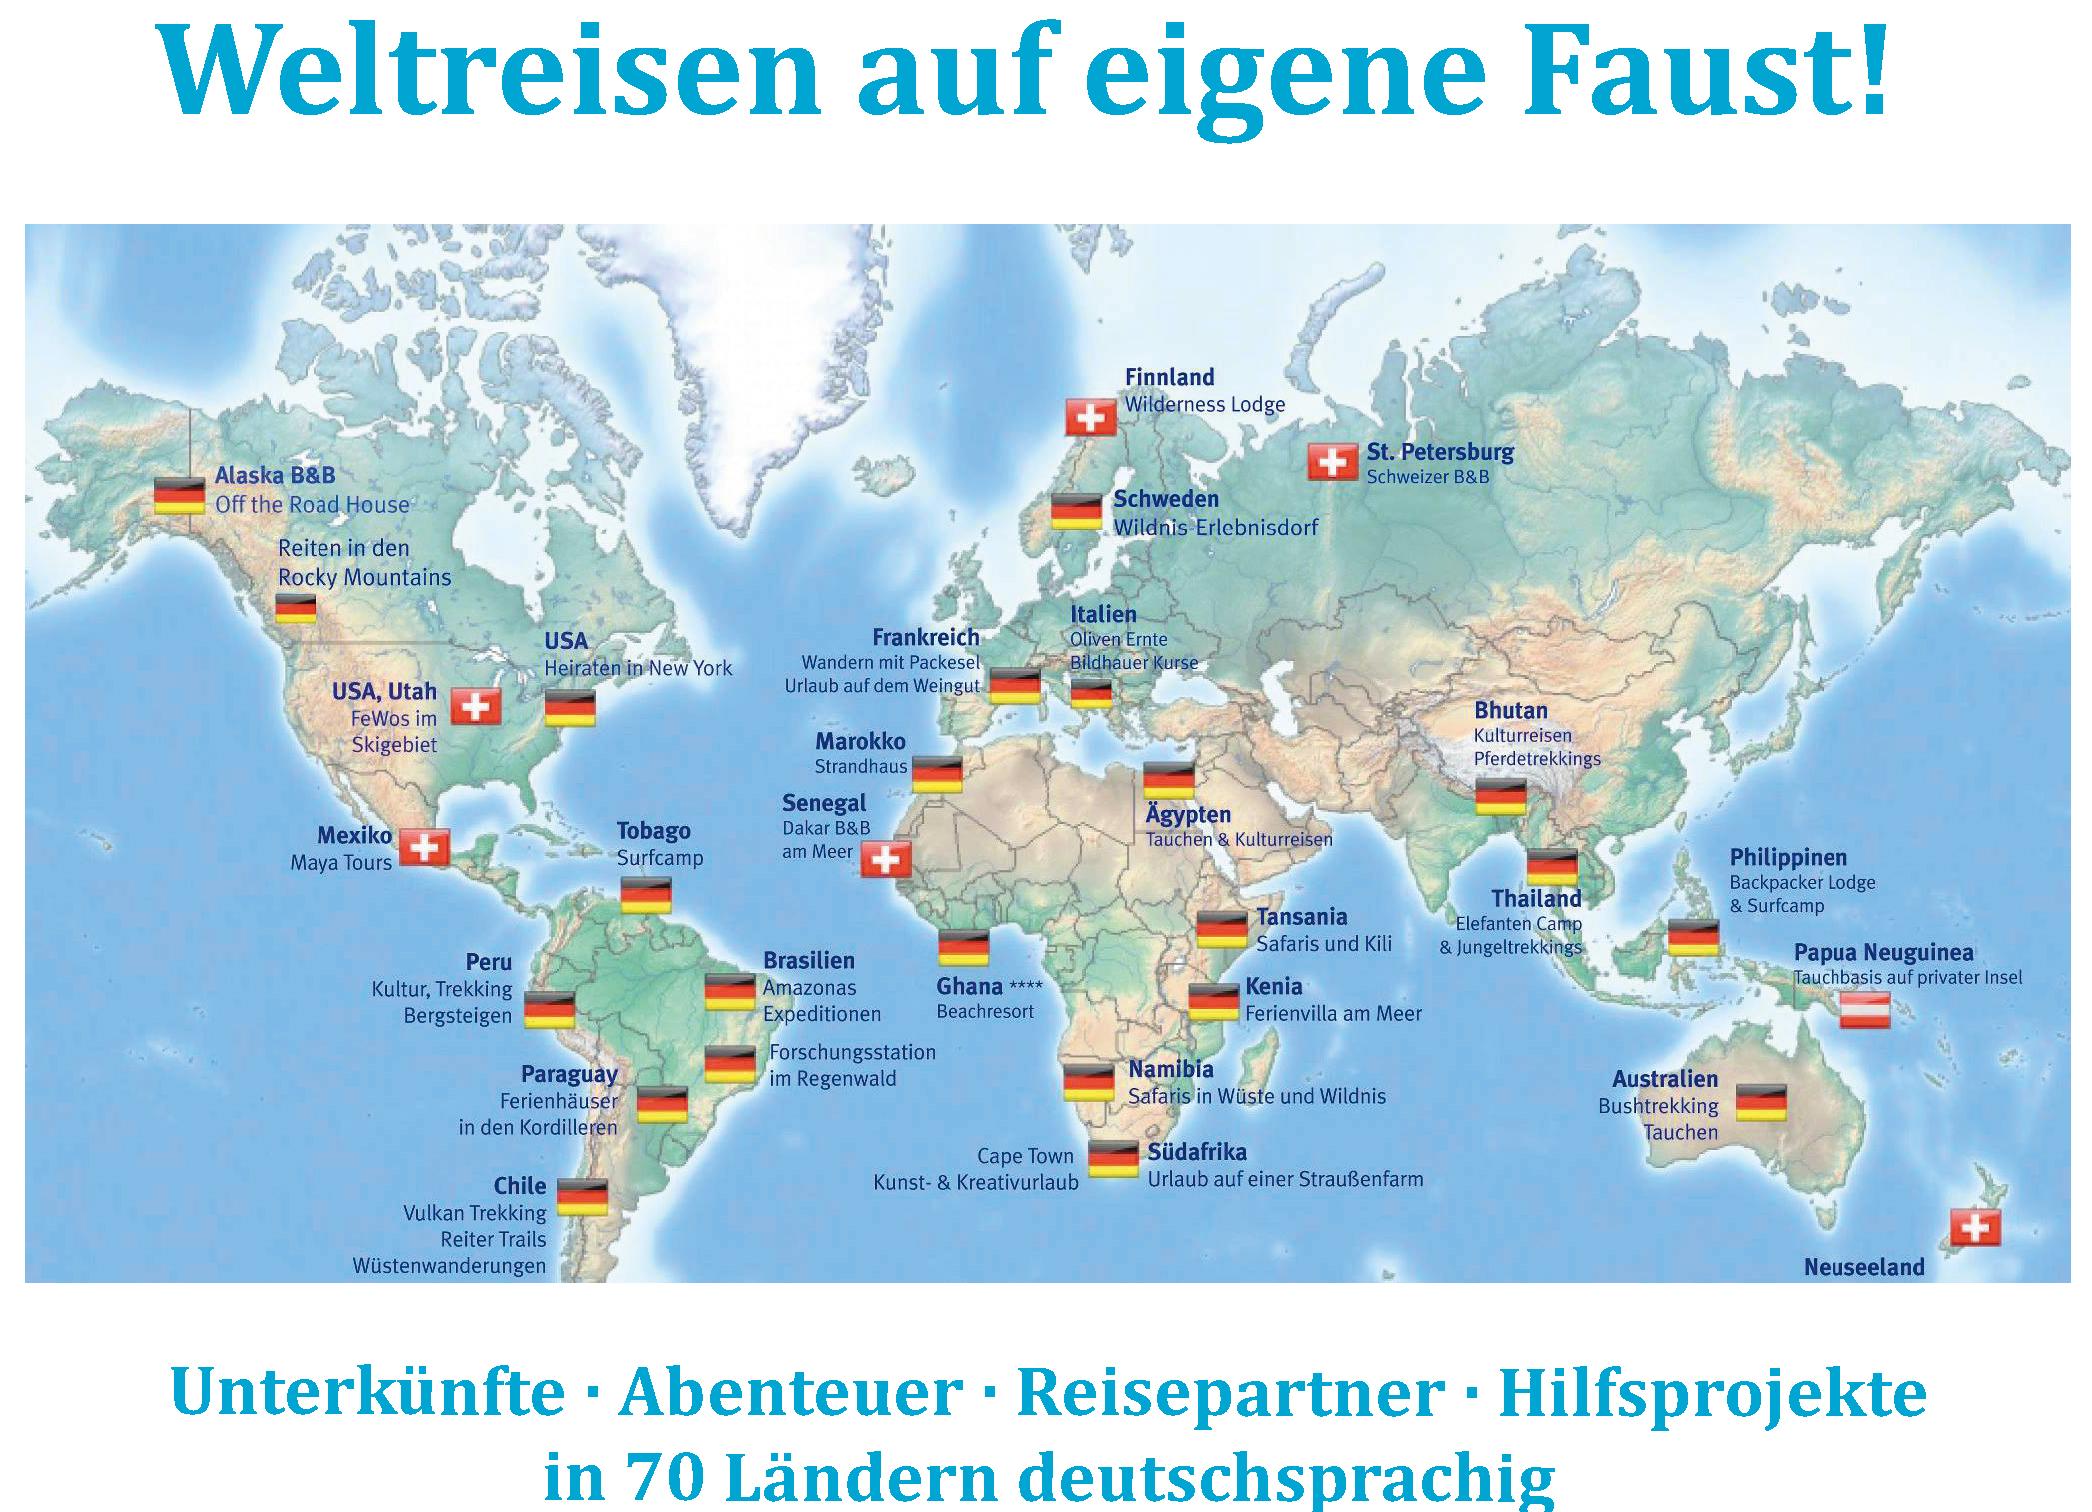 travel-friends.com - Weltreisen auf eigene Faust